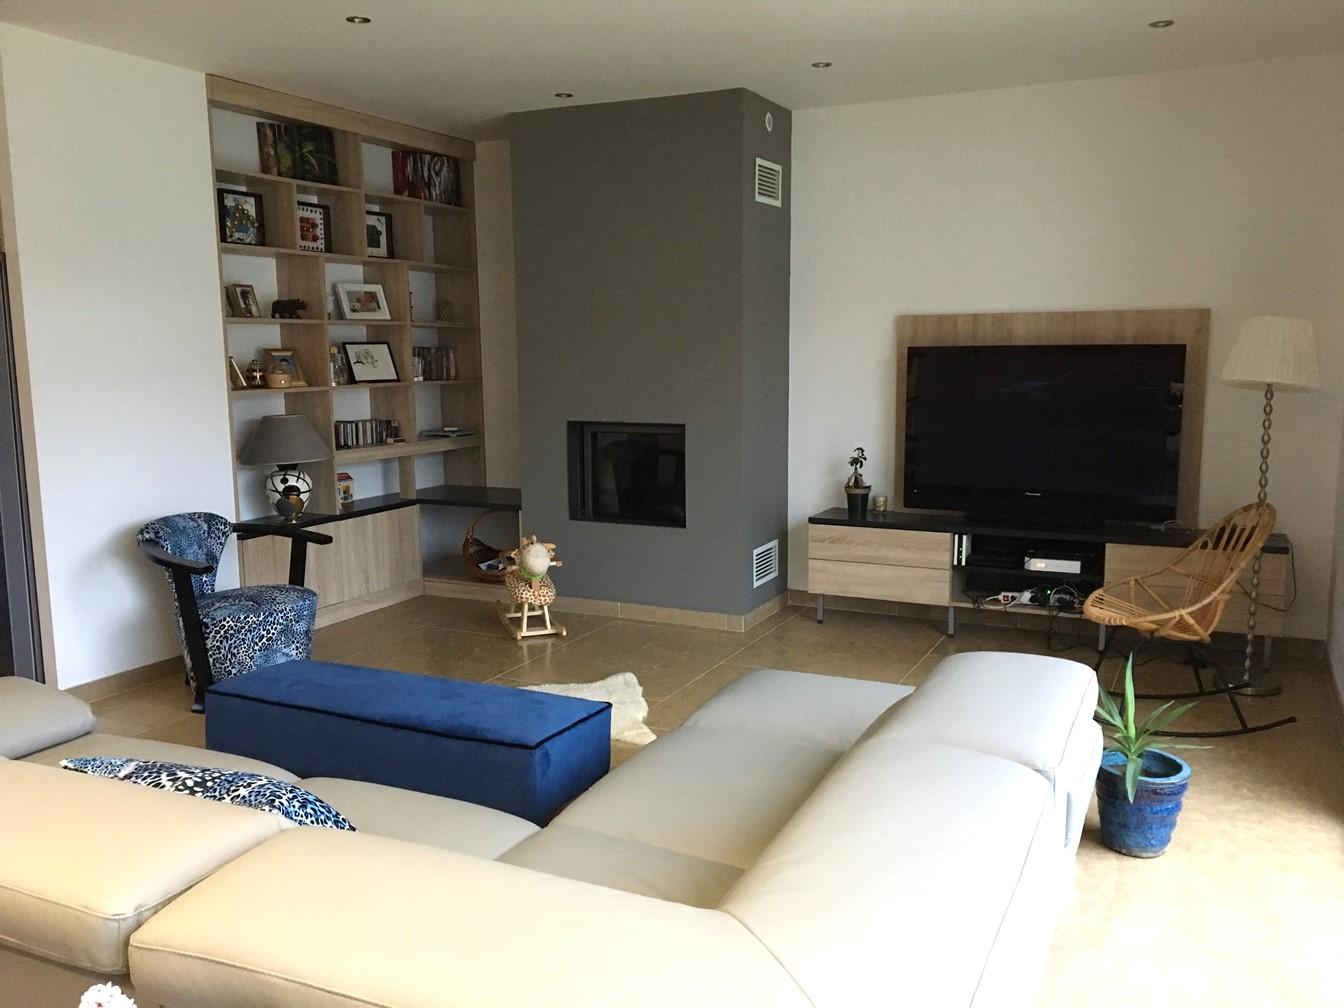 decorateur interieur reims ralisations amnagement de lespace et dcoration dintrieur maison. Black Bedroom Furniture Sets. Home Design Ideas